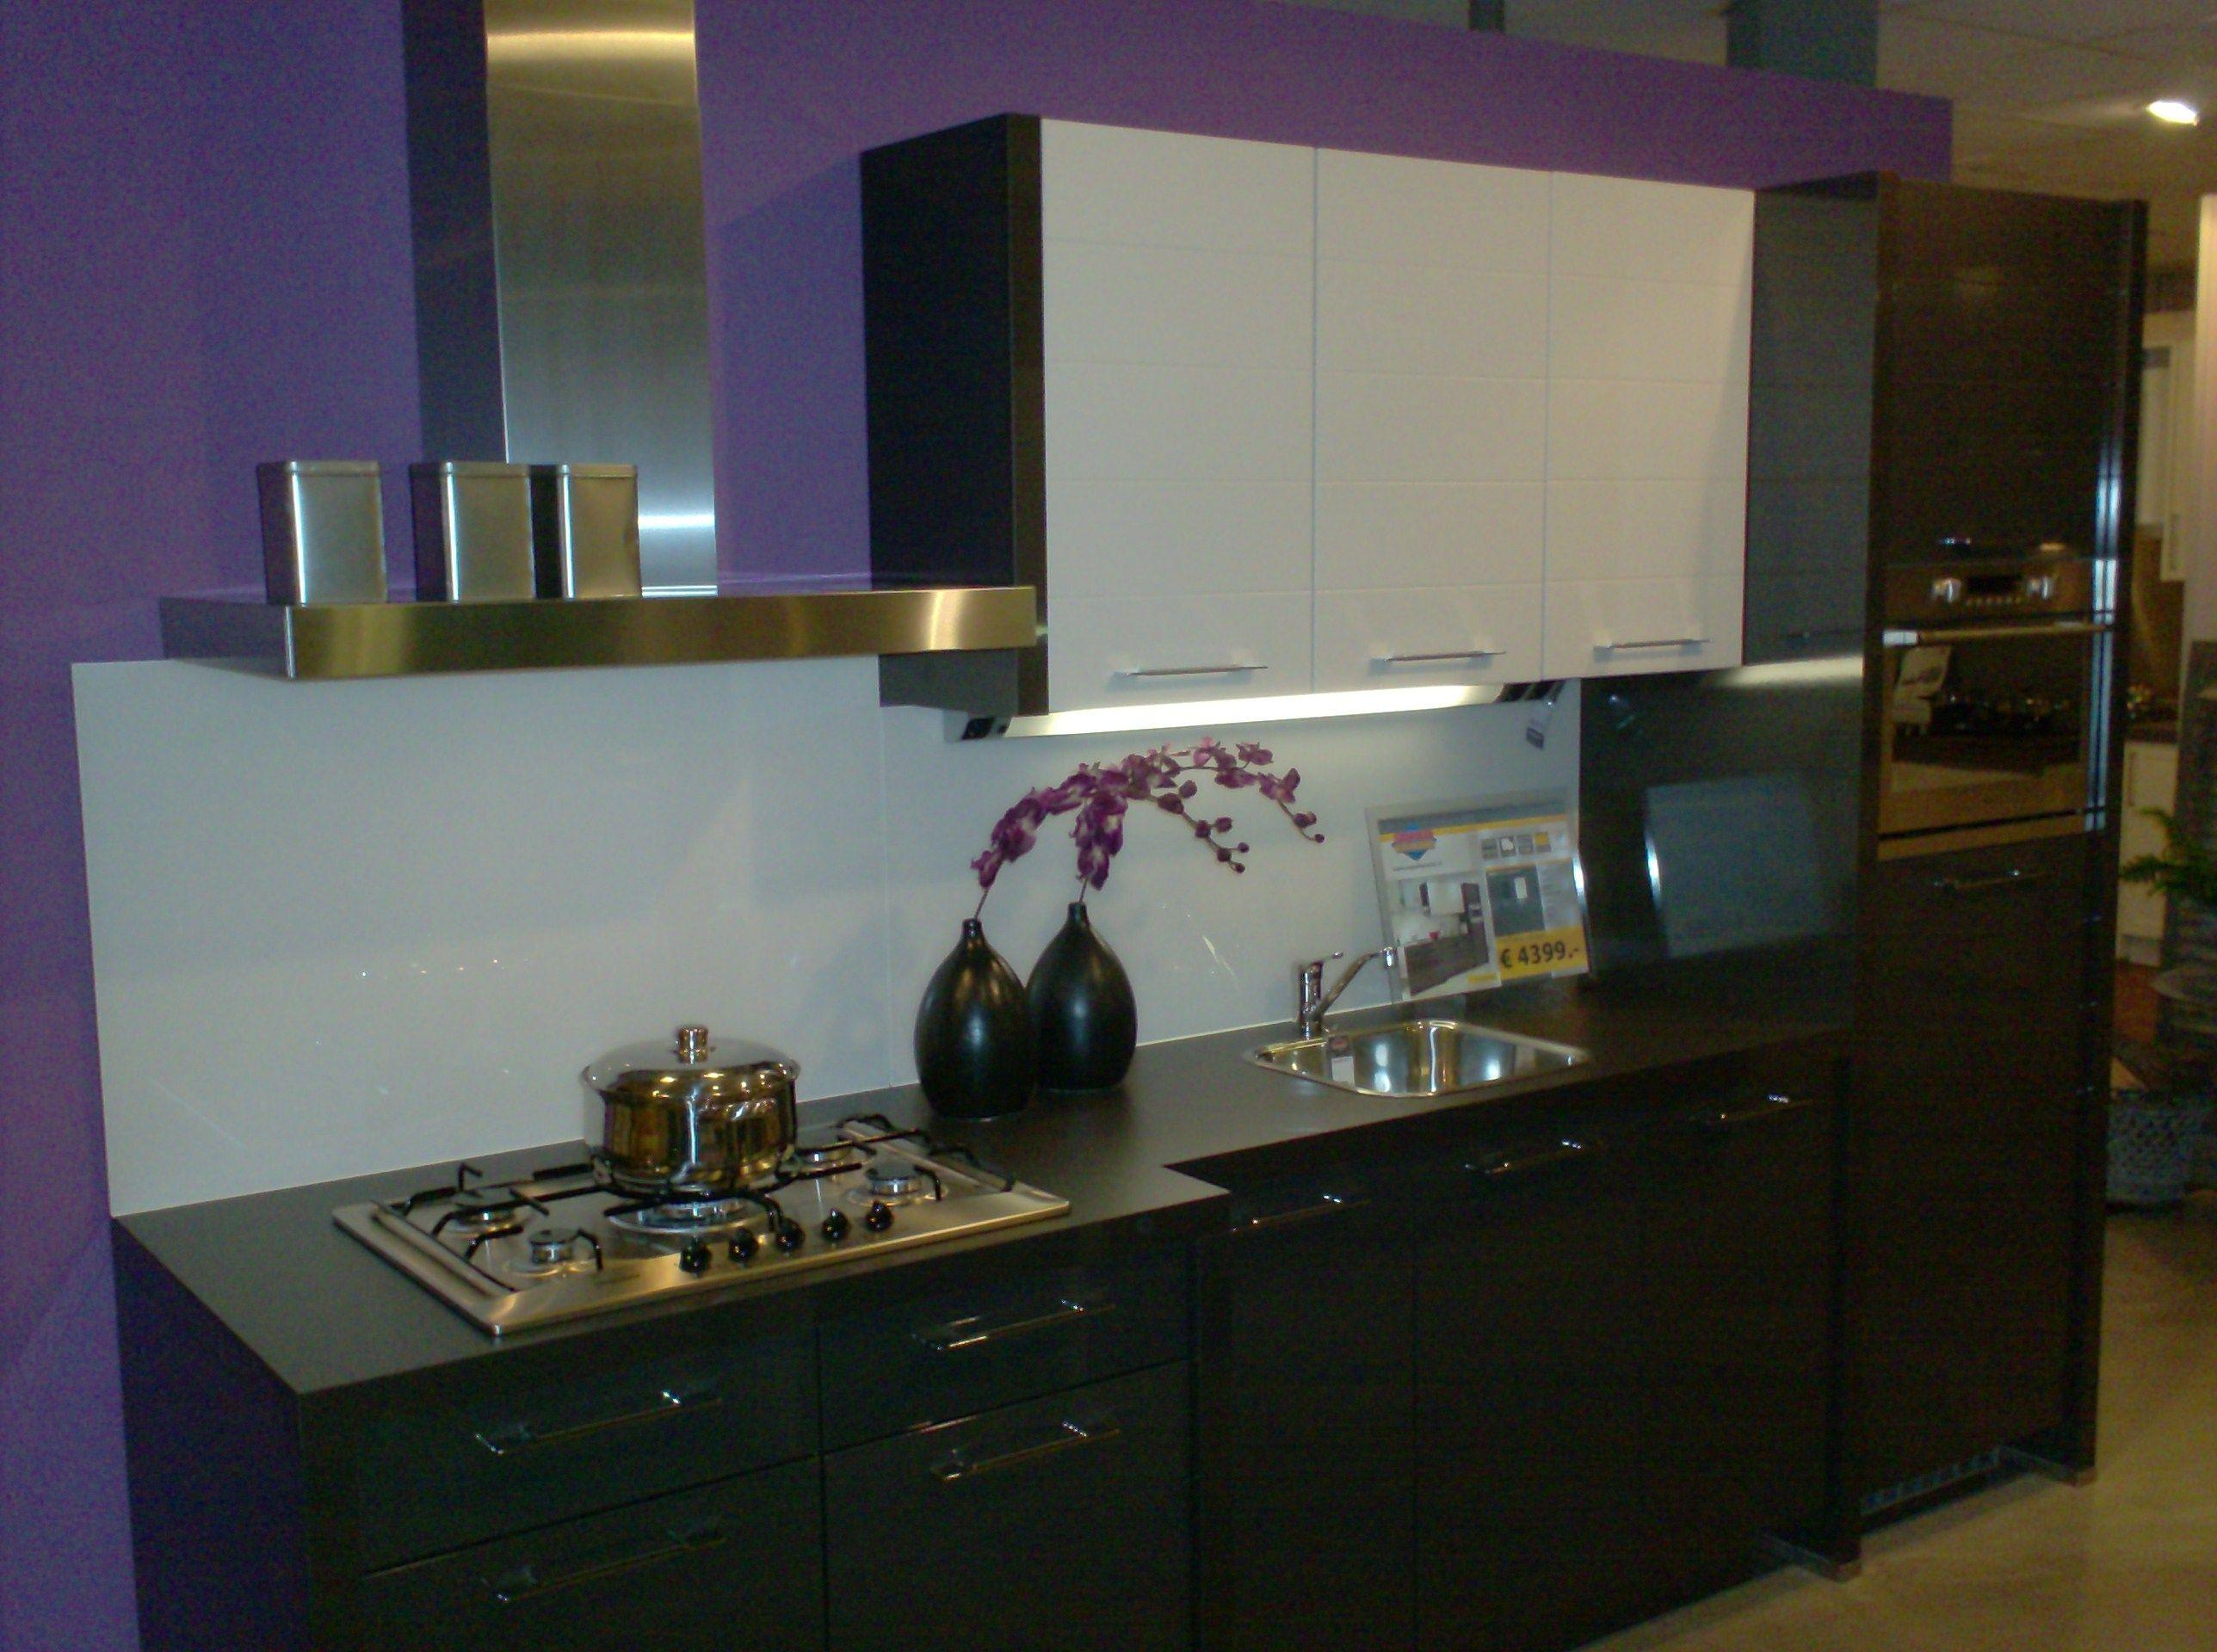 De voordeligste woonwinkel van nederland nolte trinidad 36185 - Trendkleur keuken ...